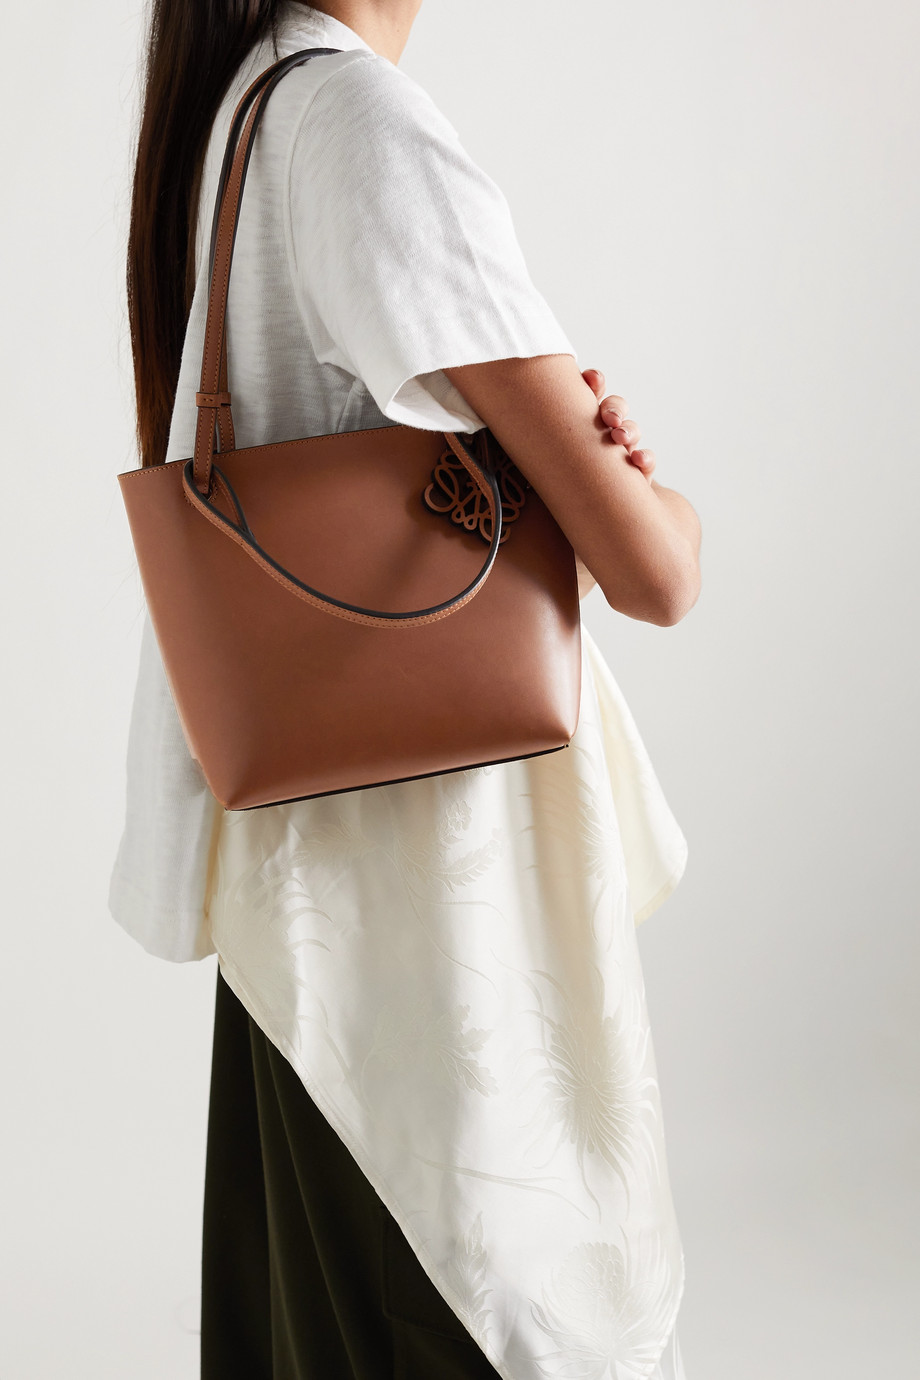 Loewe Double Handle leather tote